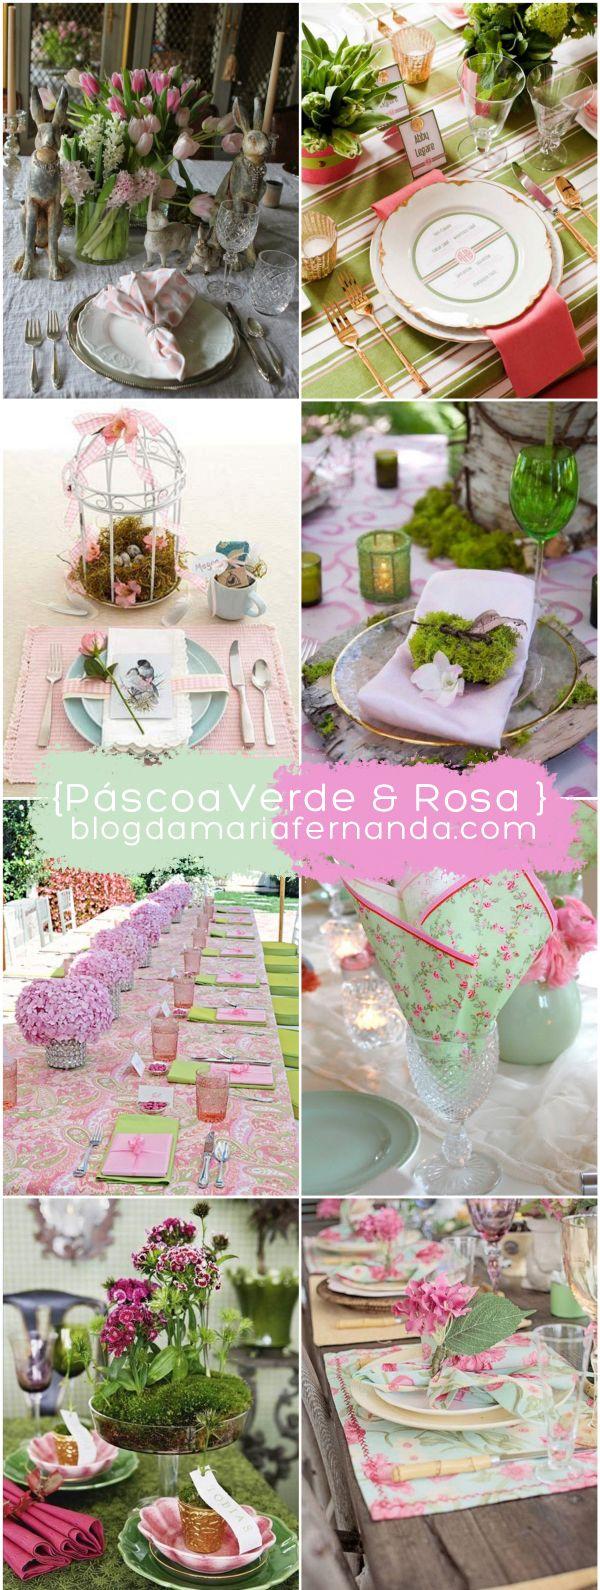 Paleta de Cores : Páscoa Verde e Rosa | http://blogdamariafernanda.com/paleta-de-cores-39-pascoa-verde-rosa